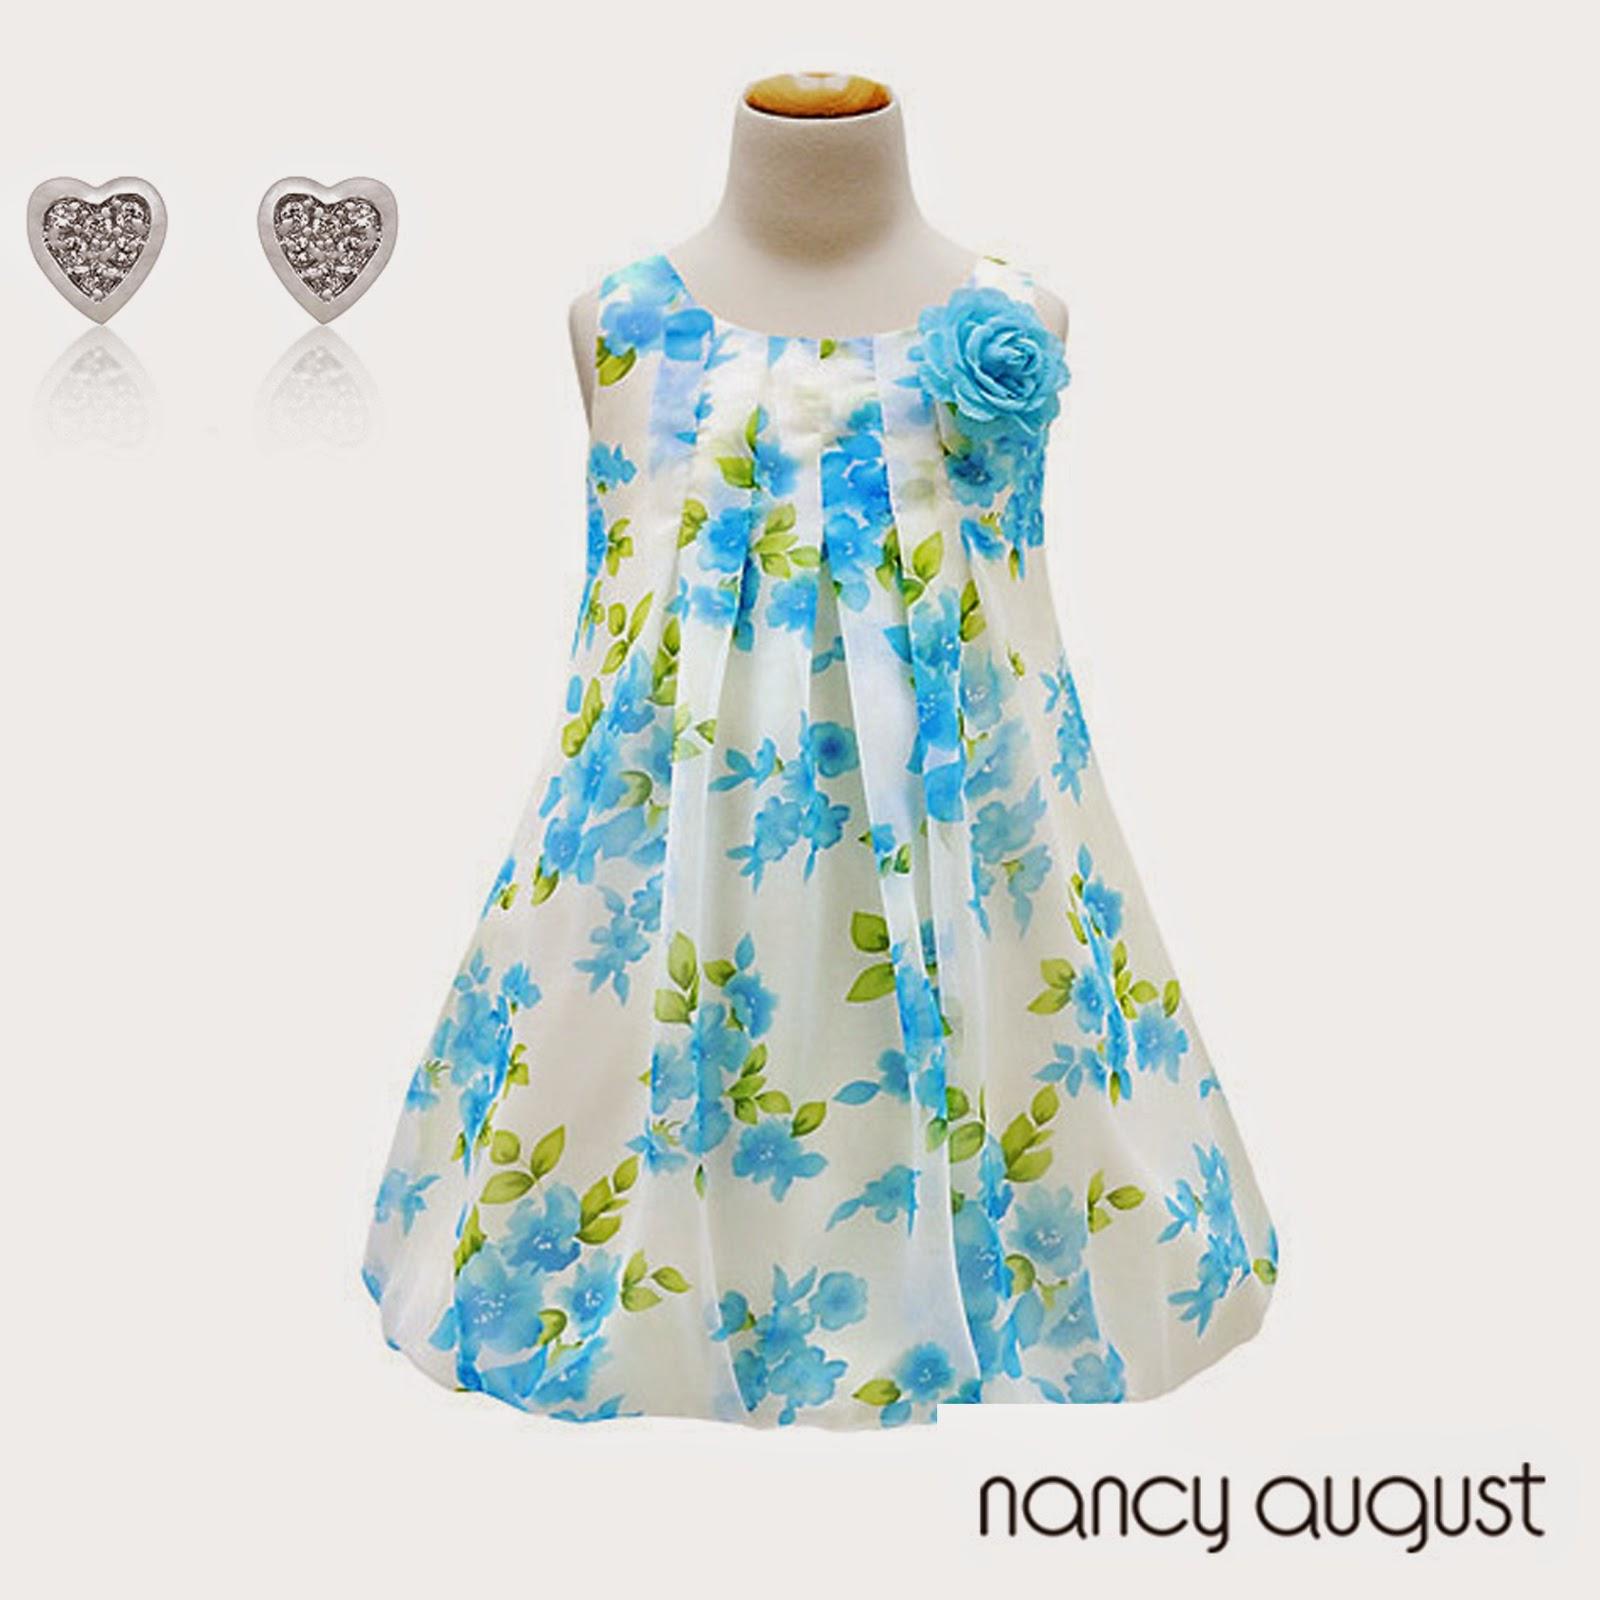 fe50ace68 Nancy August s Turquoise Blue Floral Bubble Dress